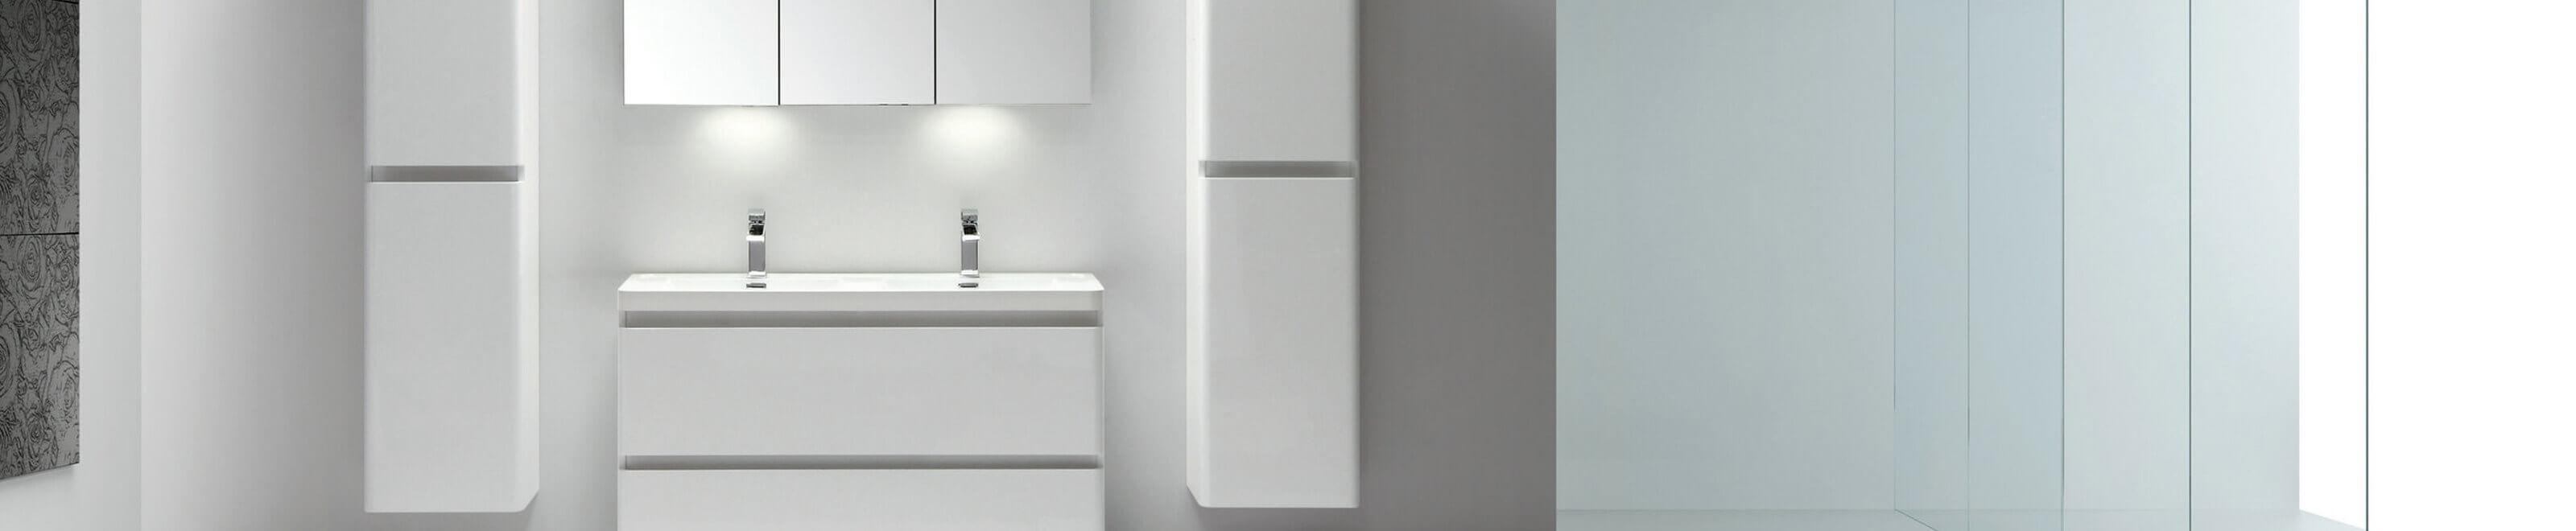 Shaving Cabinets